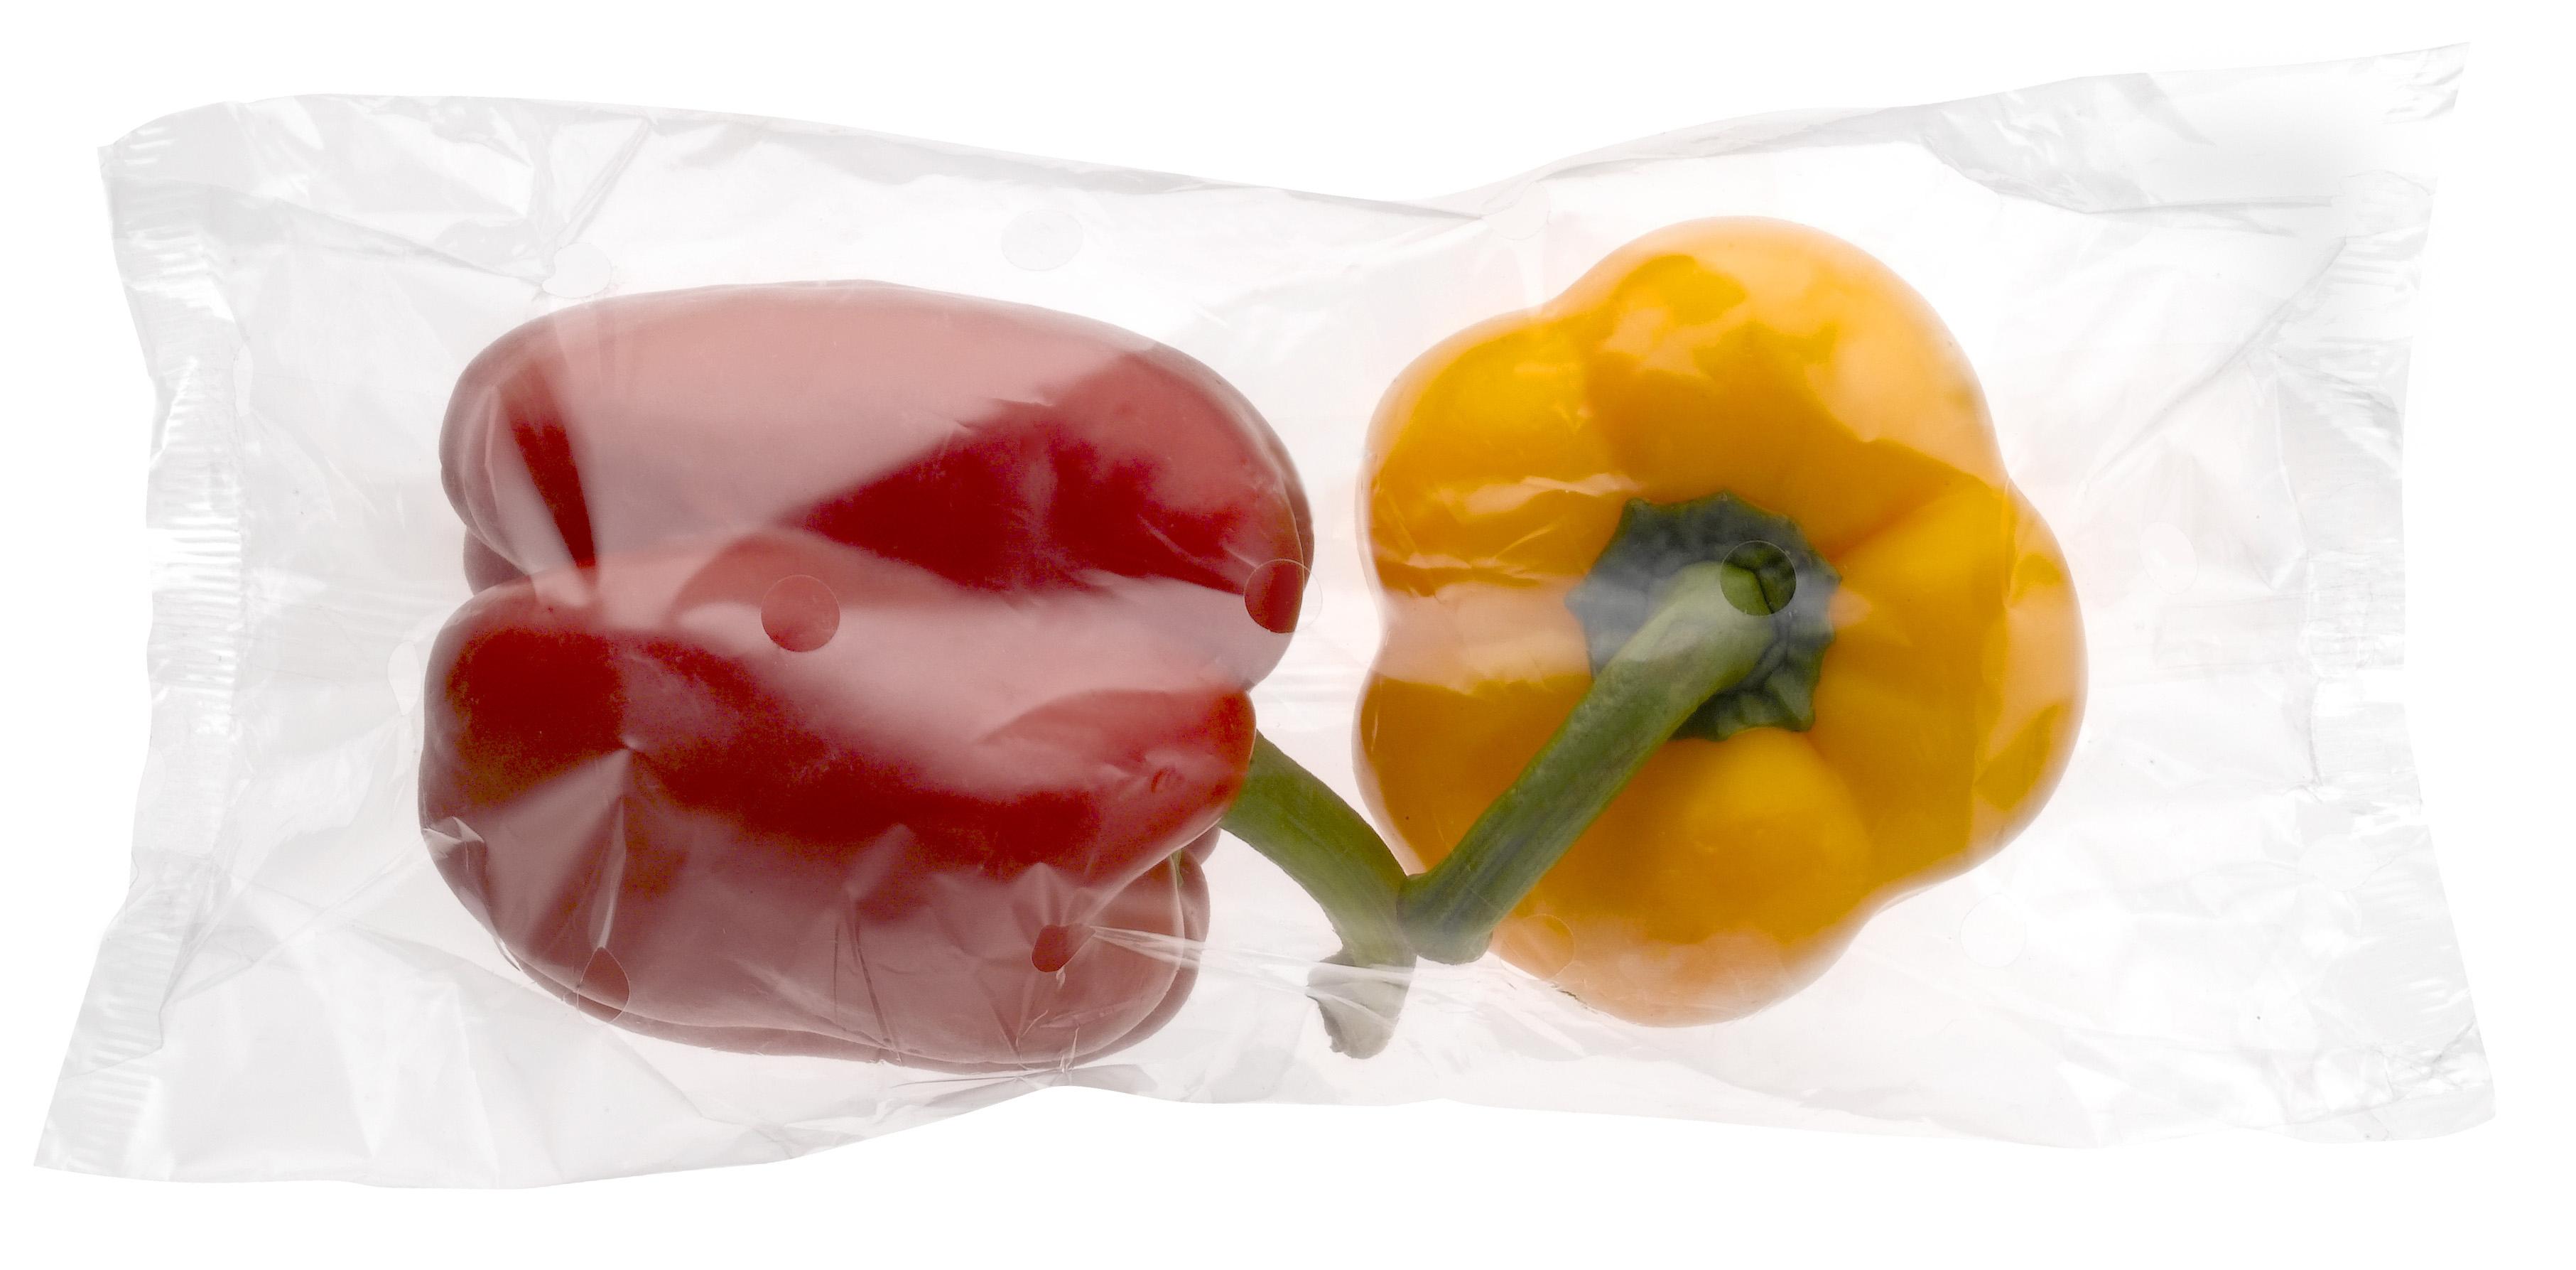 Cibo sicuro: il problema del packaging alimentare